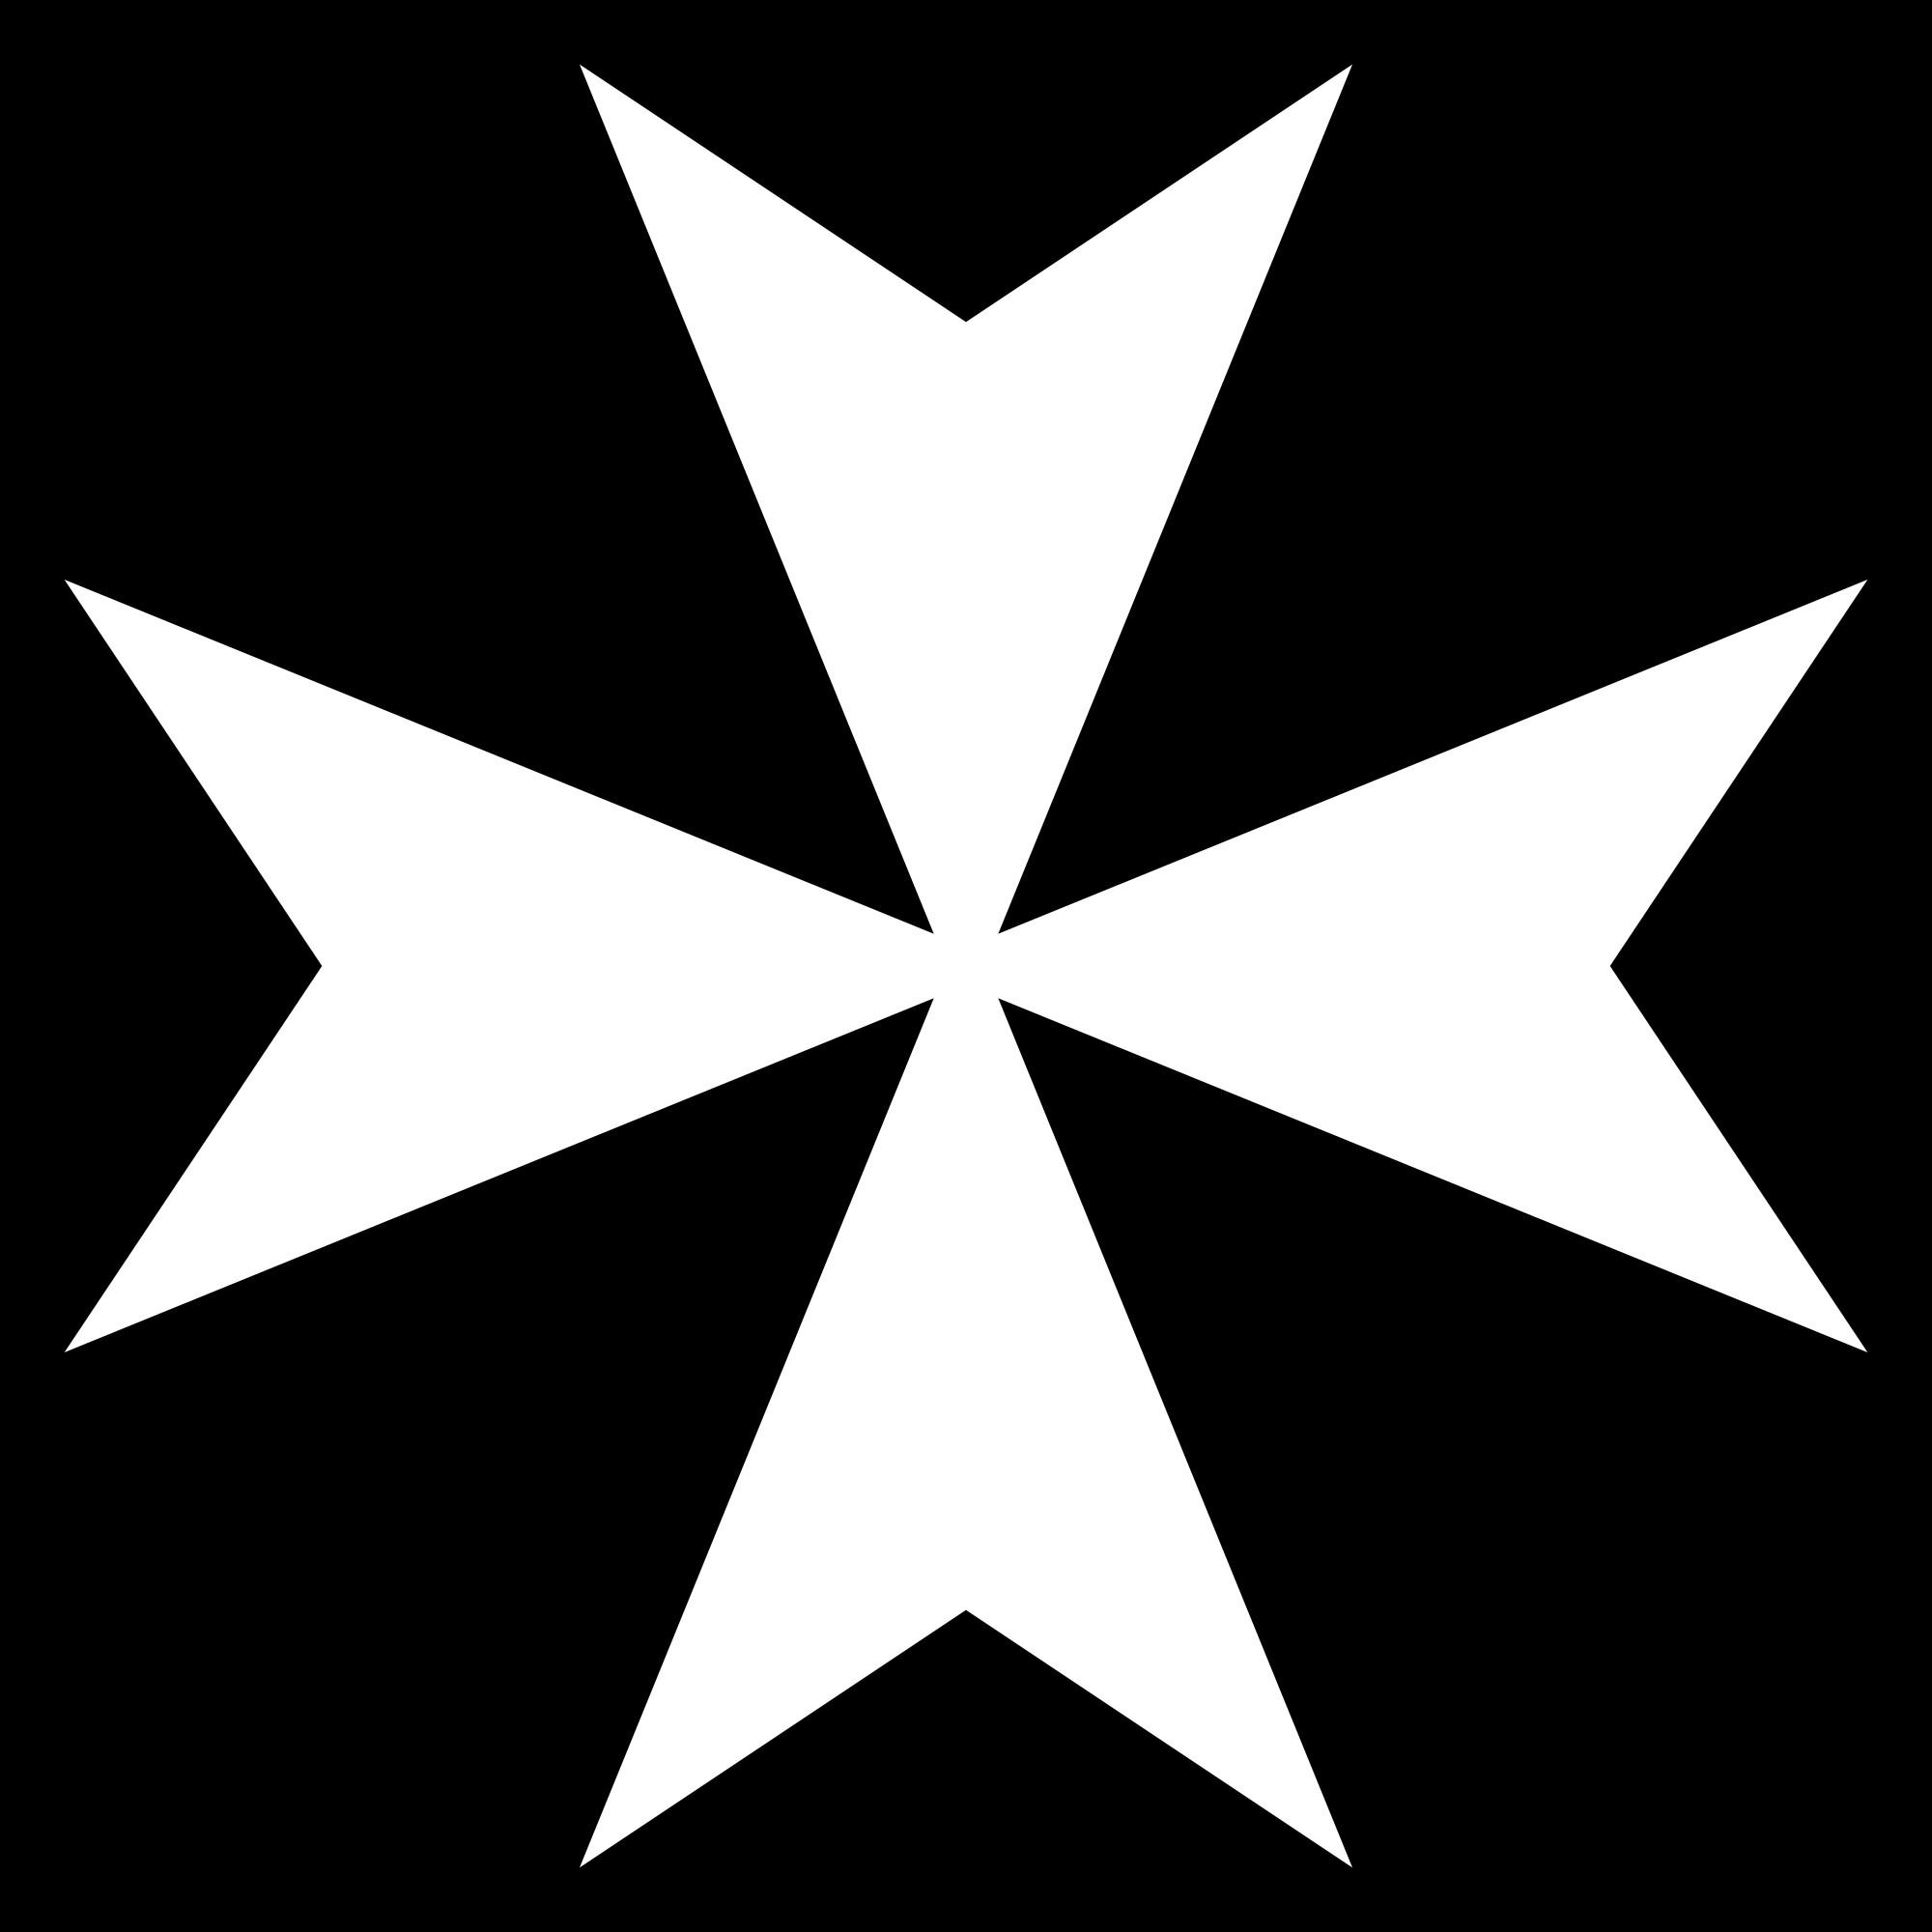 Diablo 3 Wallpaper 1920x1080: Crusader Cross Wallpaper ·① WallpaperTag